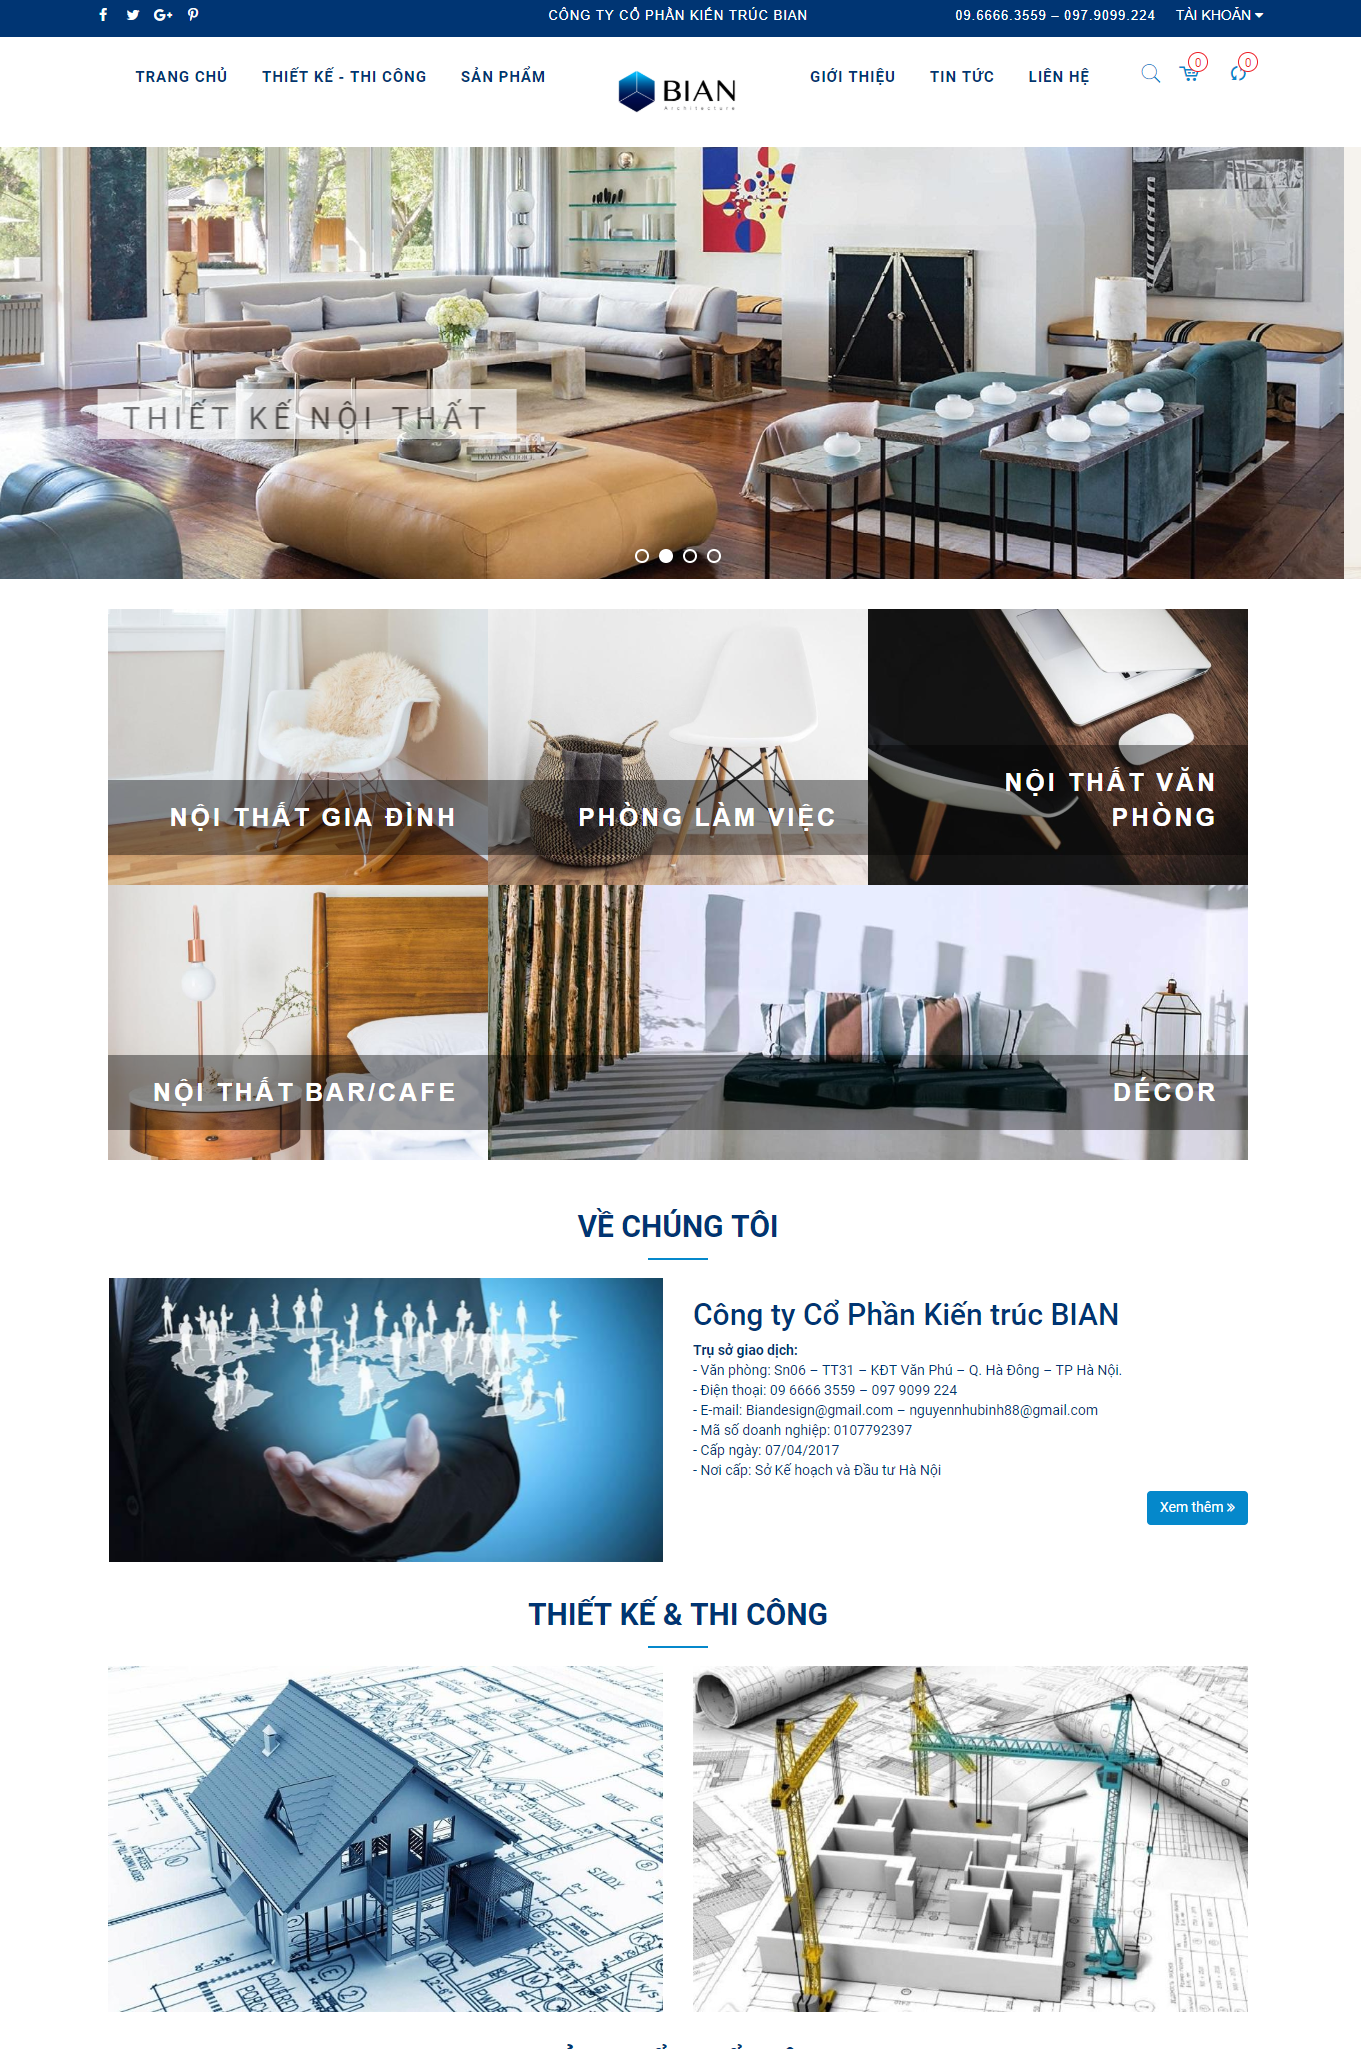 Công ty Cổ Phần Kiến trúc BIAN